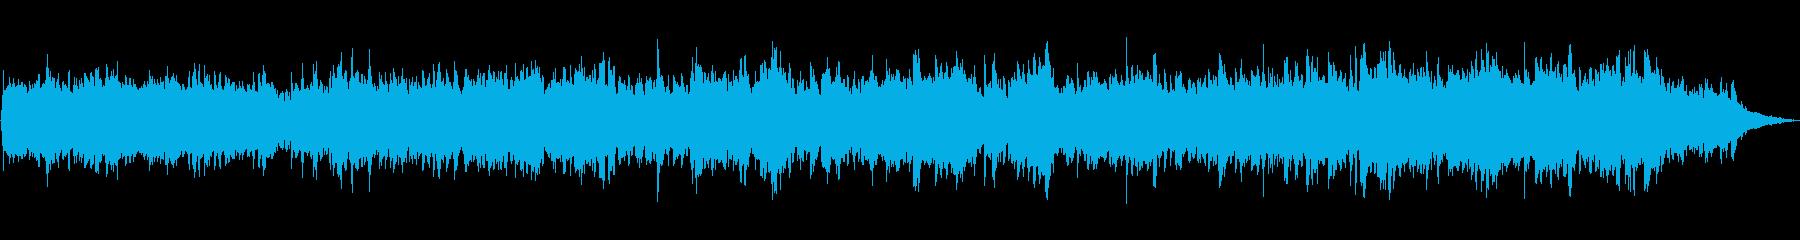 ピアノとシンセサイザーのほのぼのBGMの再生済みの波形